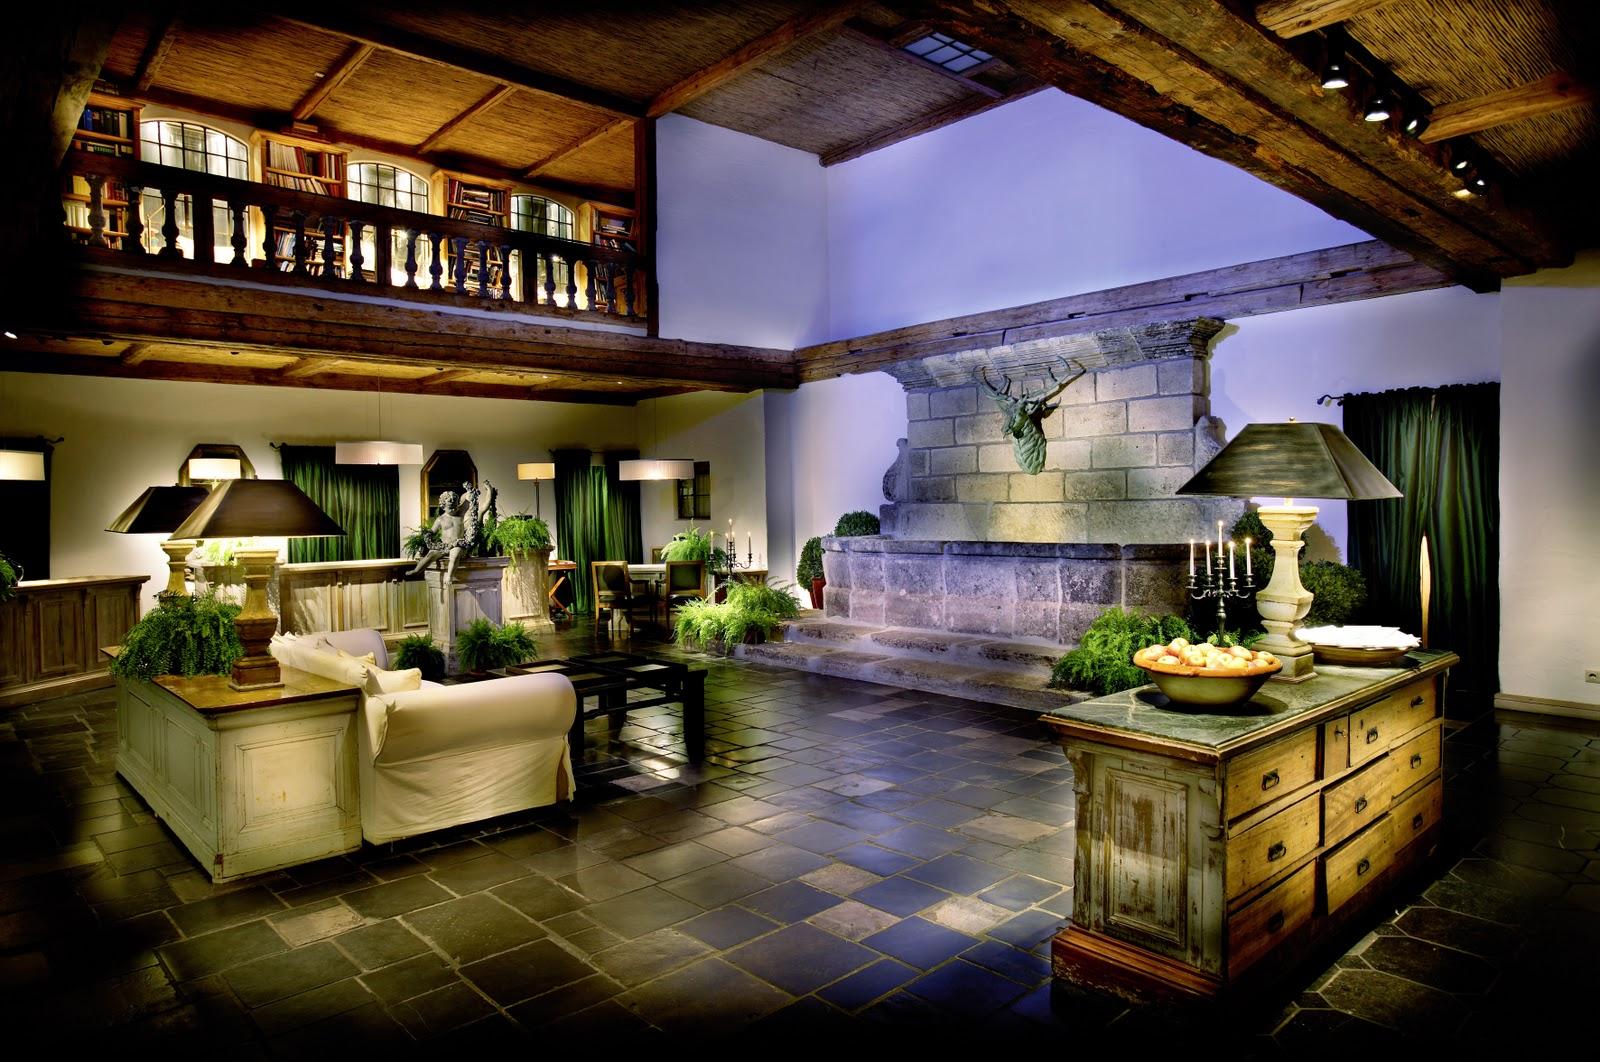 hotel paradiese m rchenhaft au ergew hnlich naturverbunden zur bleiche resort spa. Black Bedroom Furniture Sets. Home Design Ideas